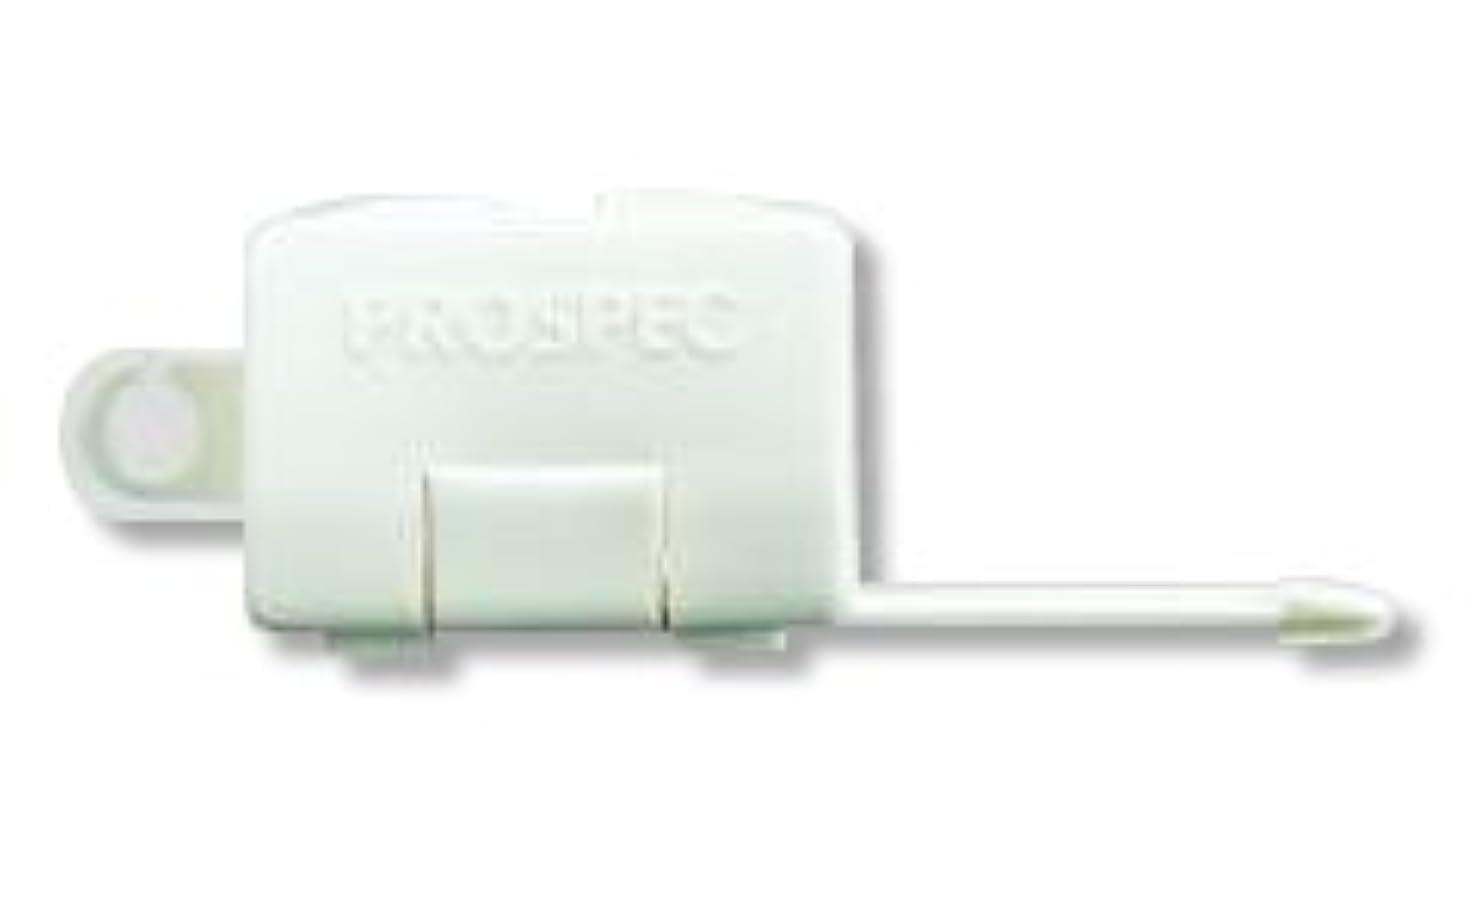 ハム追い付く本会議【ジーシー(GC)】【歯科用】プロスペック歯ブラシキャップ 20個【歯ブラシキャップ】アイボリー PROSPEC TOOTH BRUSH CAP